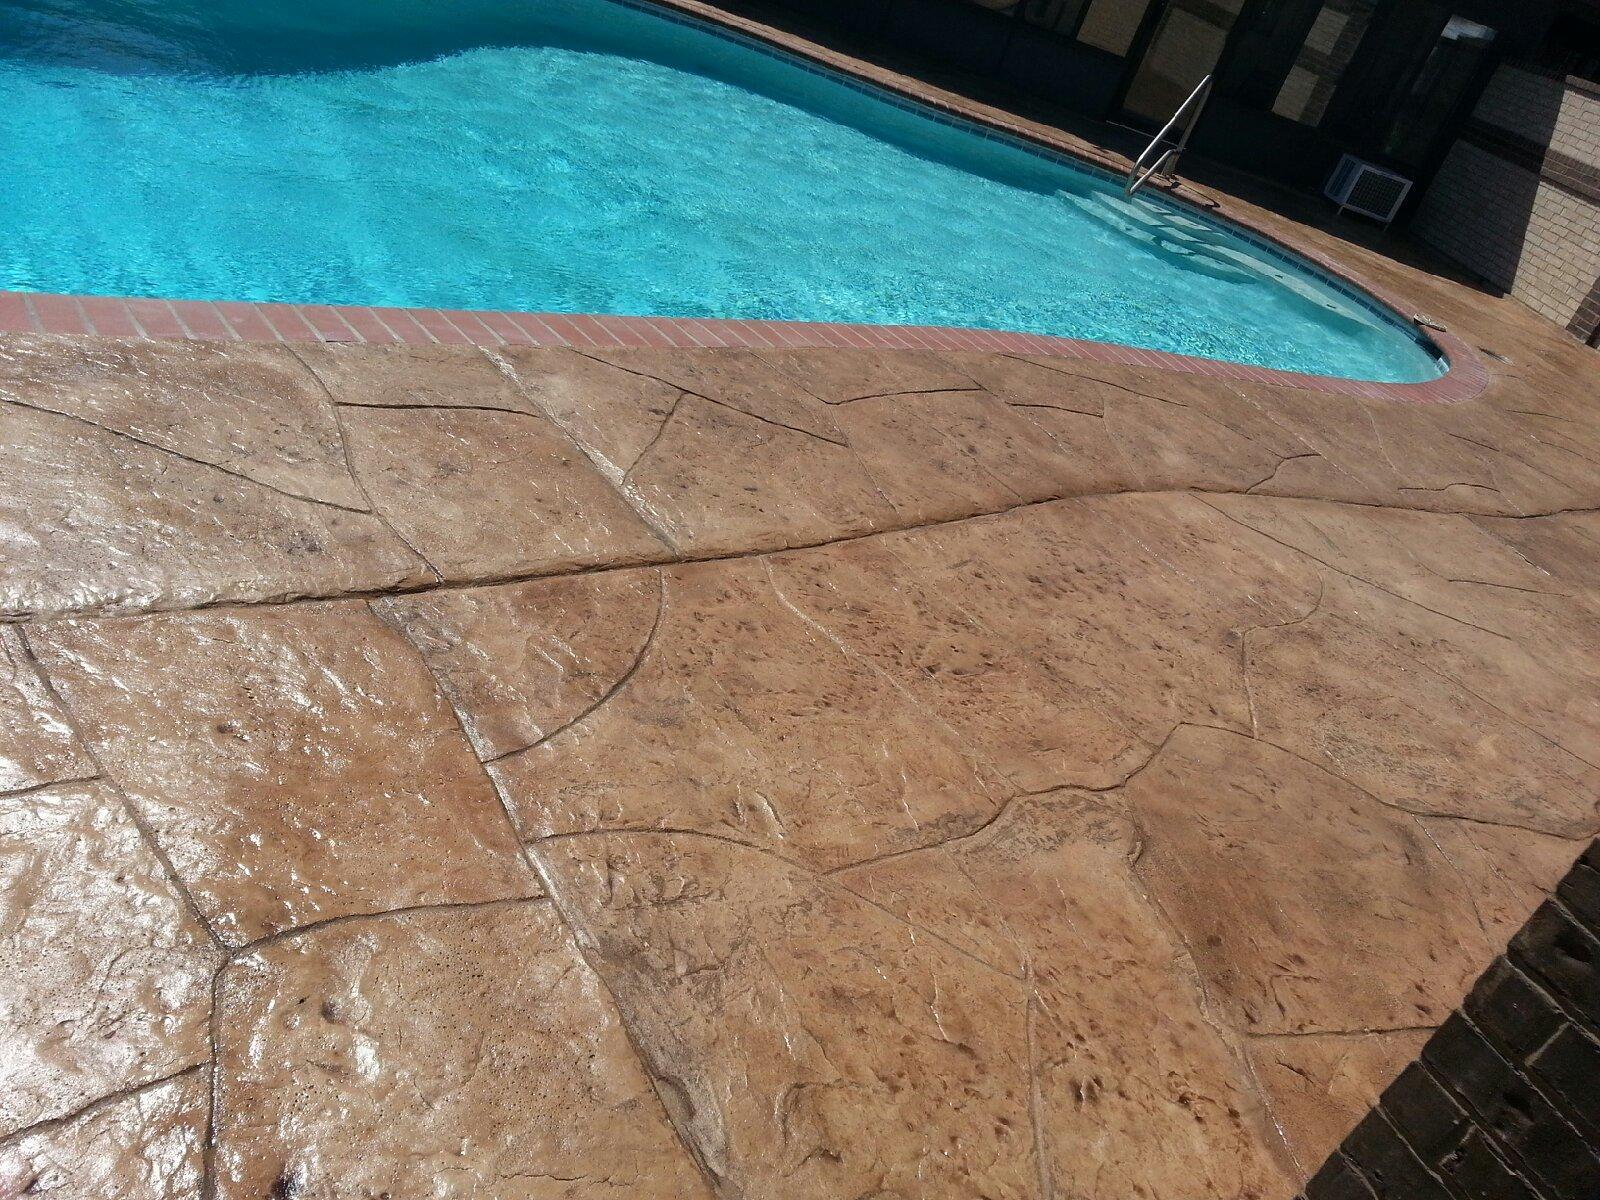 Residential pool deck